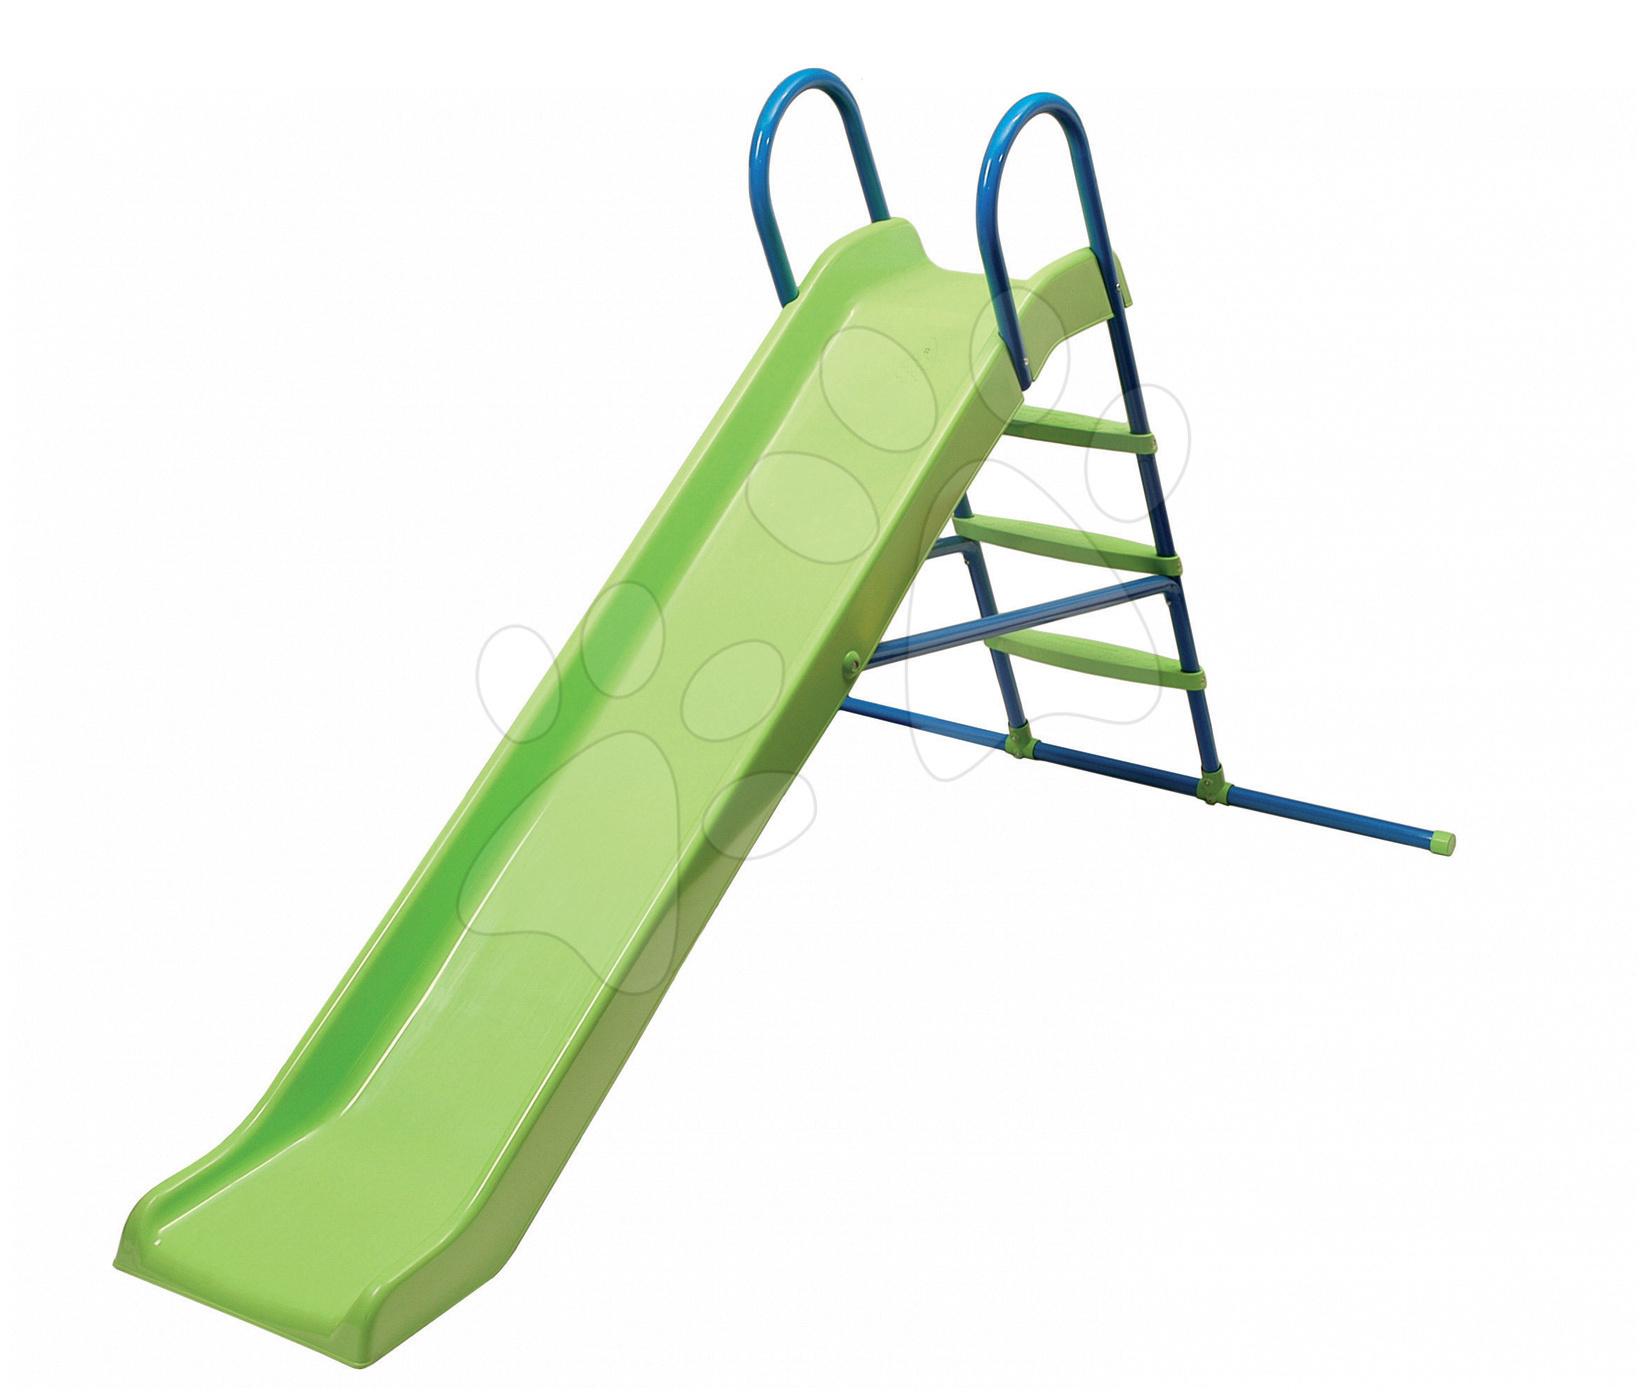 Tobogane pentru copii - Tobogan Starplast drept cu structură metalică verde